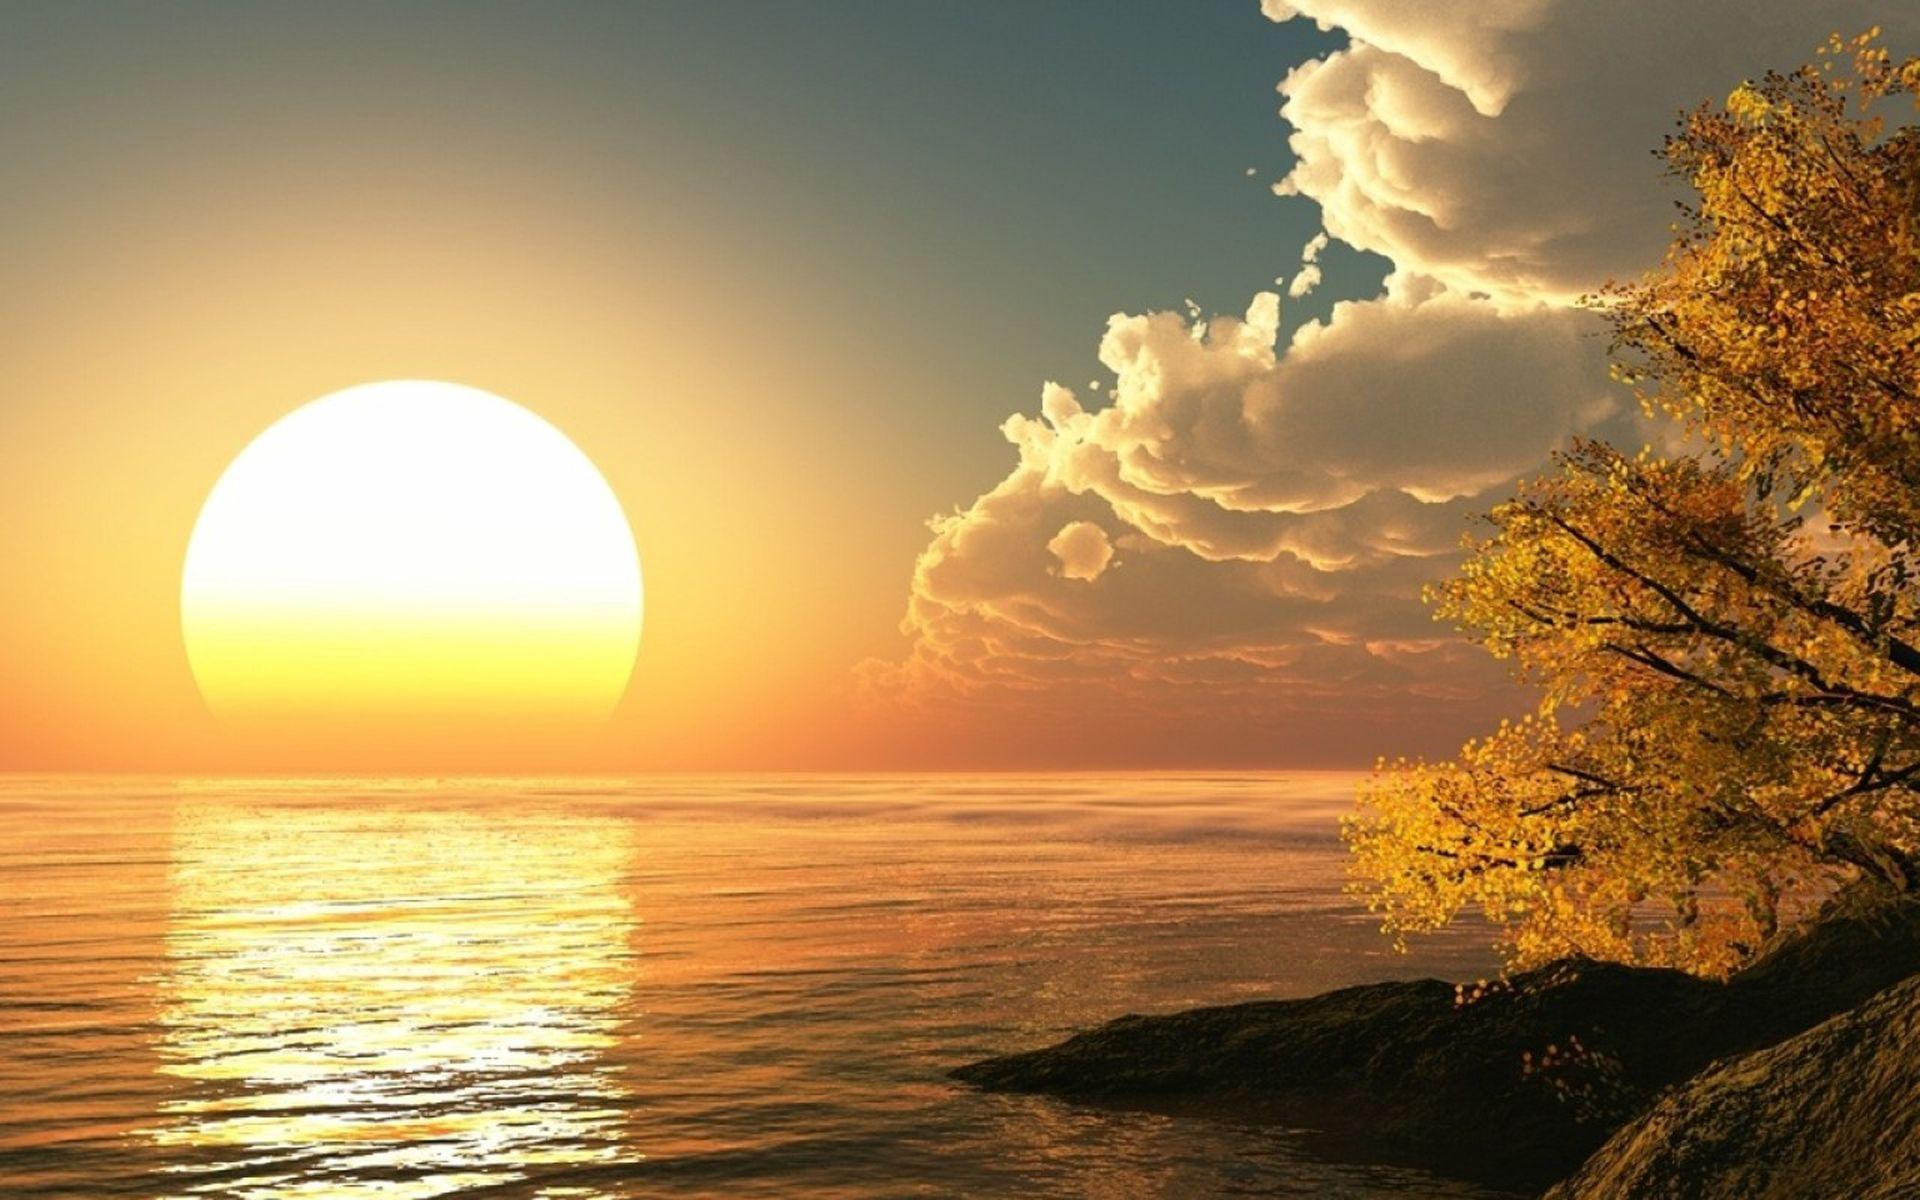 Hình ảnh mặt trời mọc 1920x1200 Hình ảnh mặt trời mọc trên hình ảnh thiên nhiên đẹp nhất ở độ cao